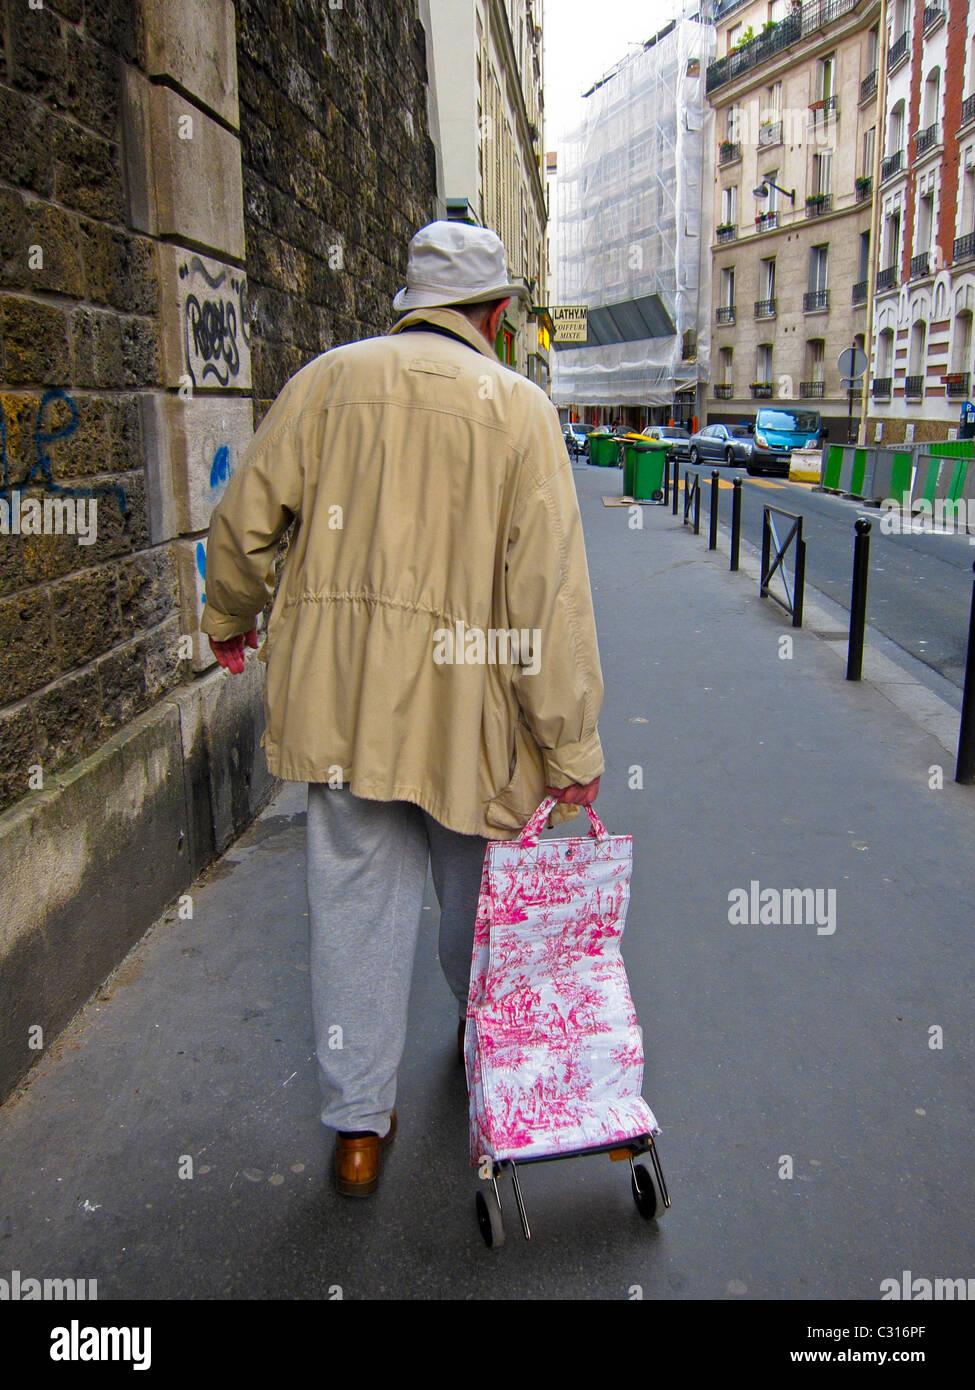 Paris, France, Senior Man Walking Away on Street with Shopping Cart - Stock Image